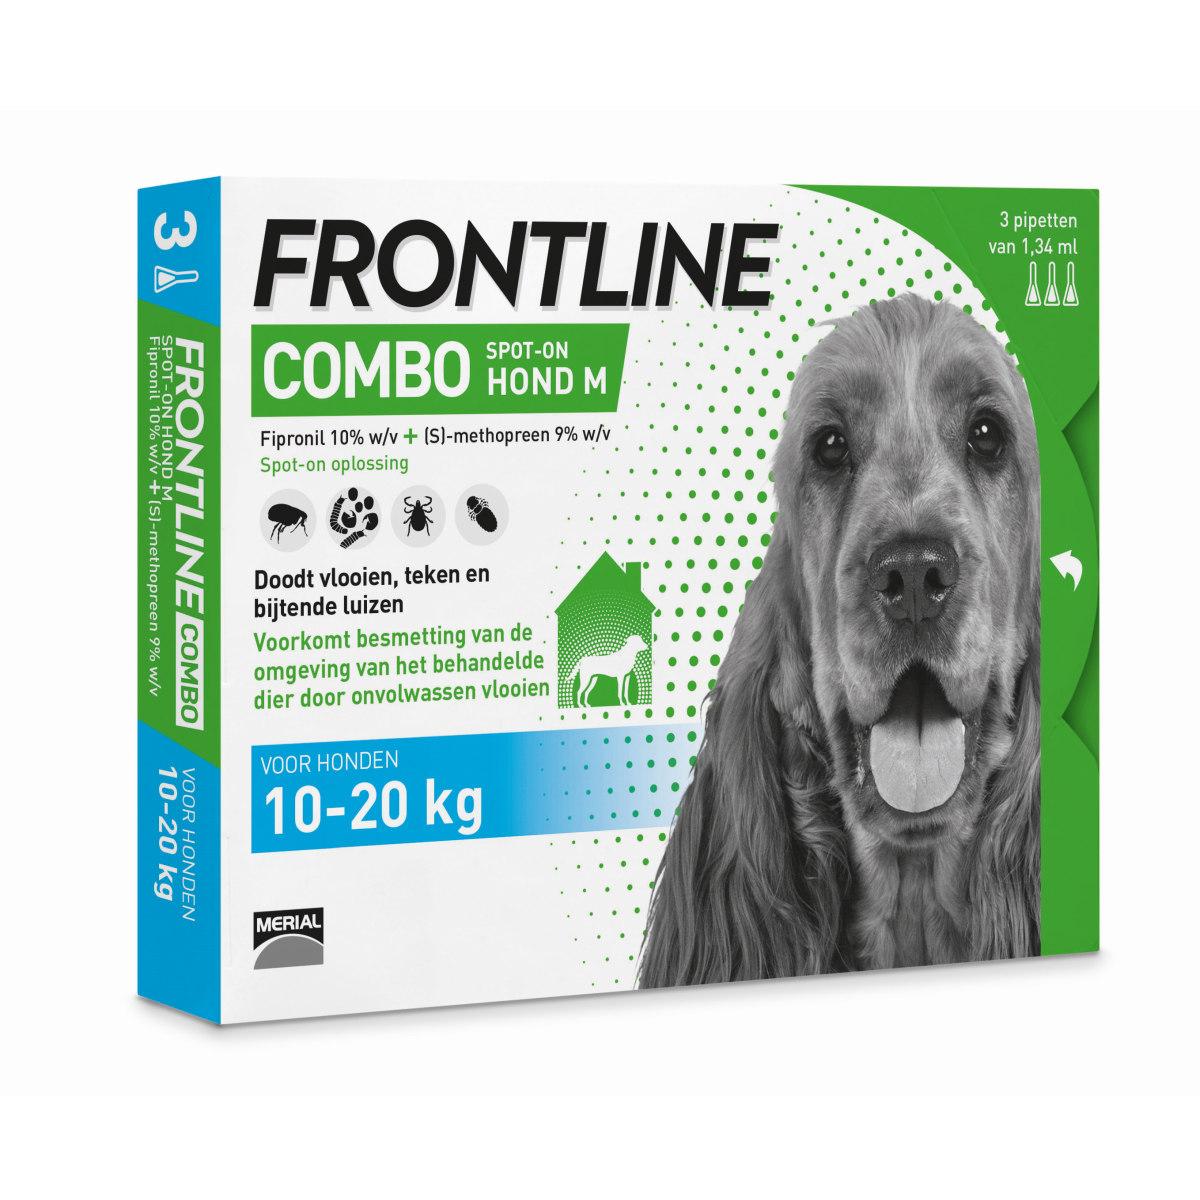 FRONTLINE COMBO HOND MED. 3PIP 00001